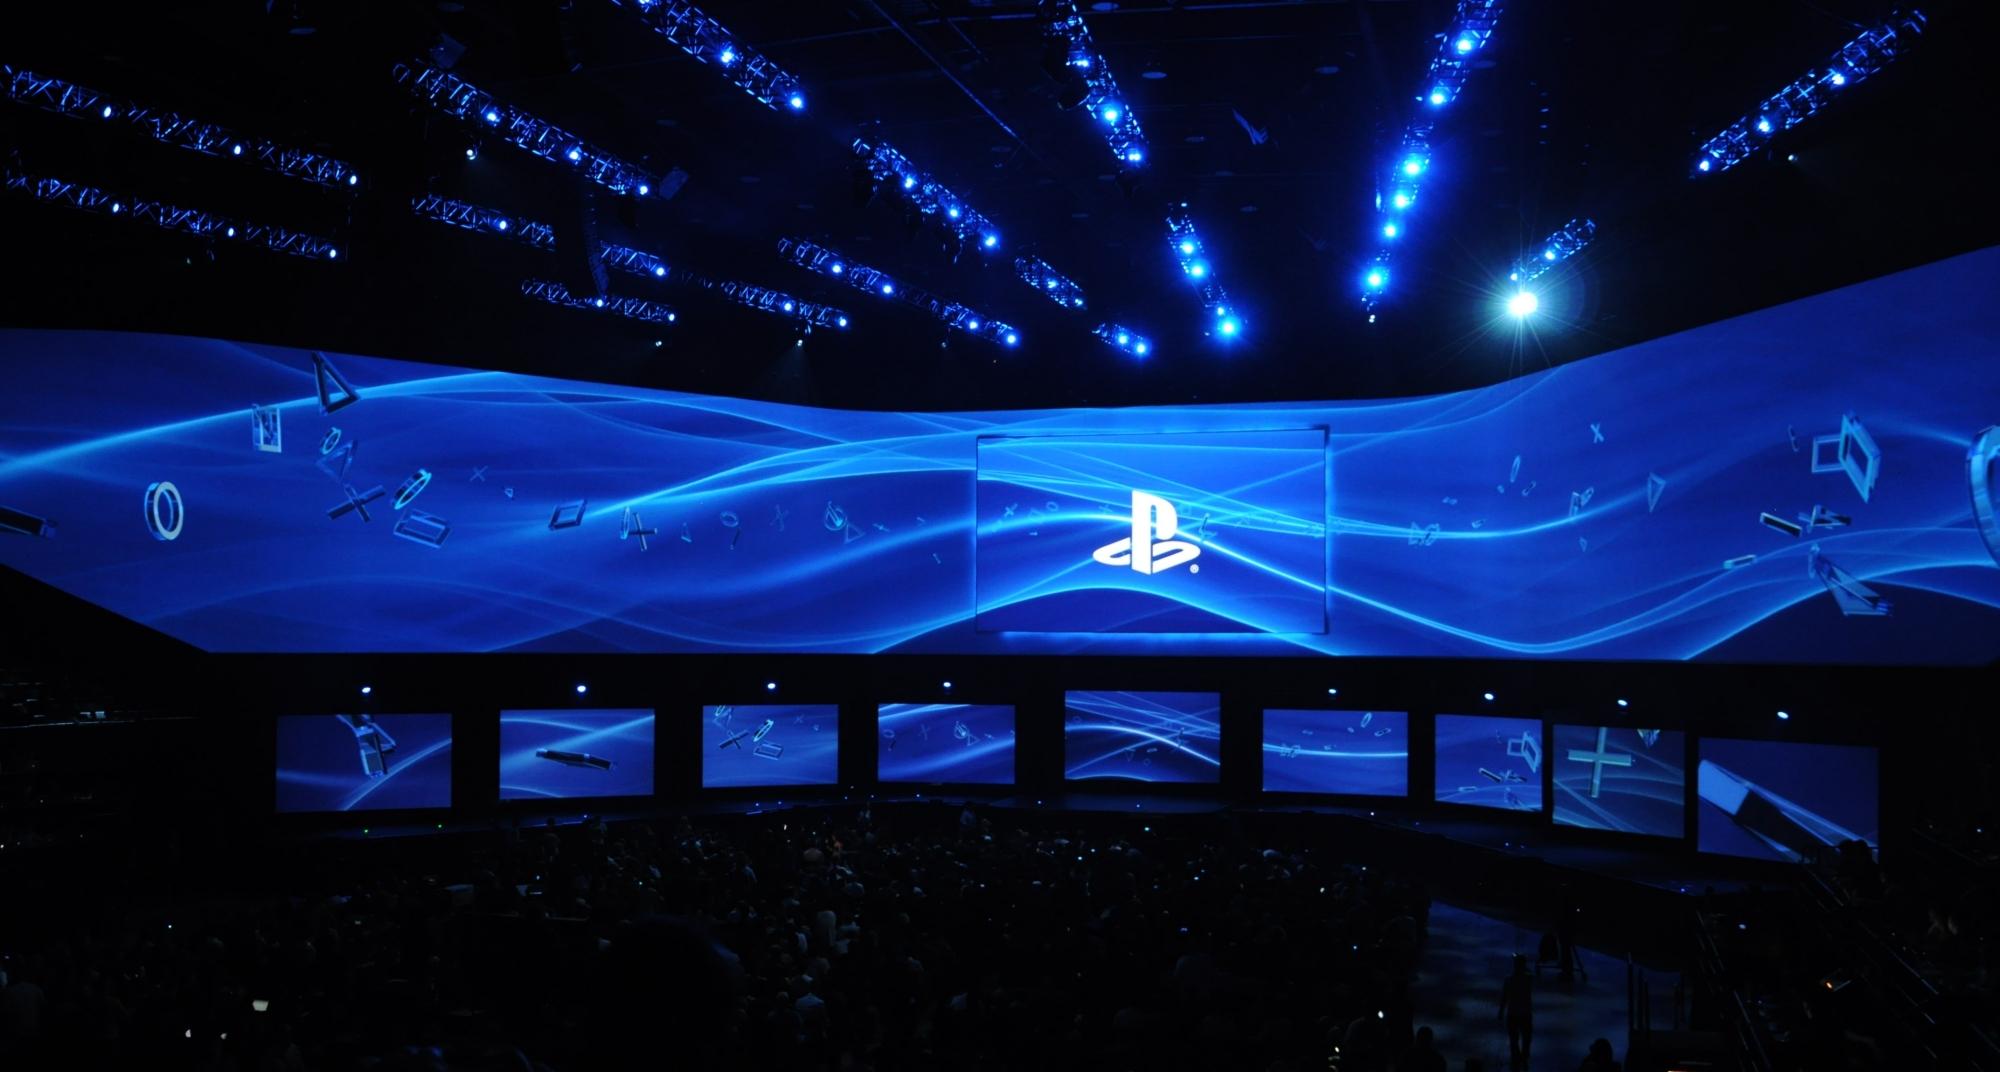 Sony wygrało targi E3. Microsoft miał lepsze gry, ale to Japończycy uwiedli graczy